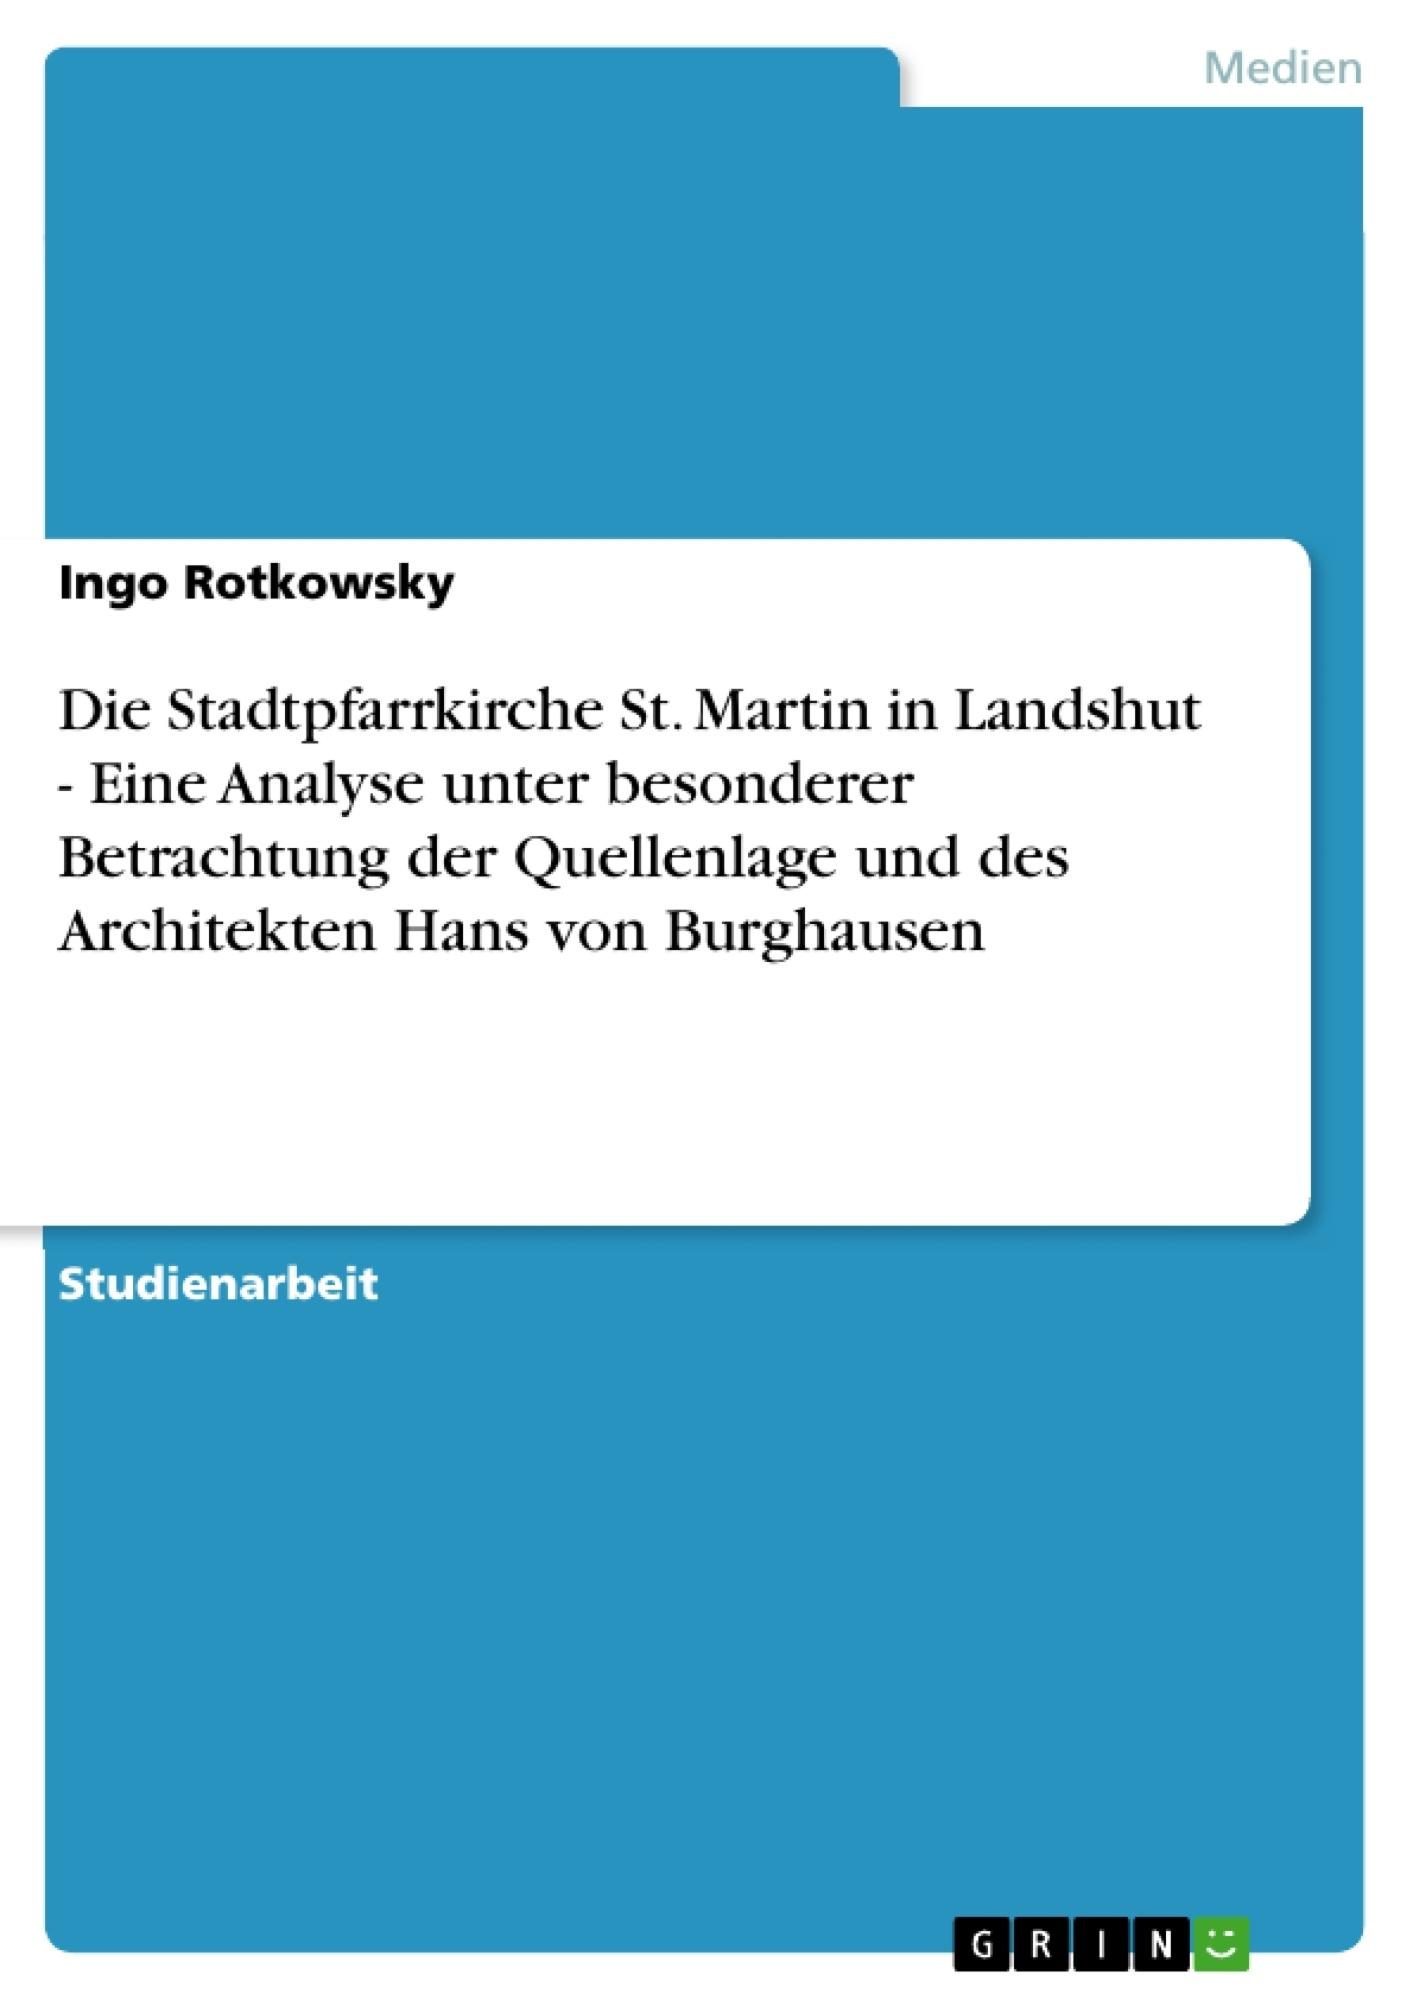 Titel: Die Stadtpfarrkirche St. Martin in Landshut -  Eine Analyse unter besonderer Betrachtung der Quellenlage und des Architekten Hans von Burghausen